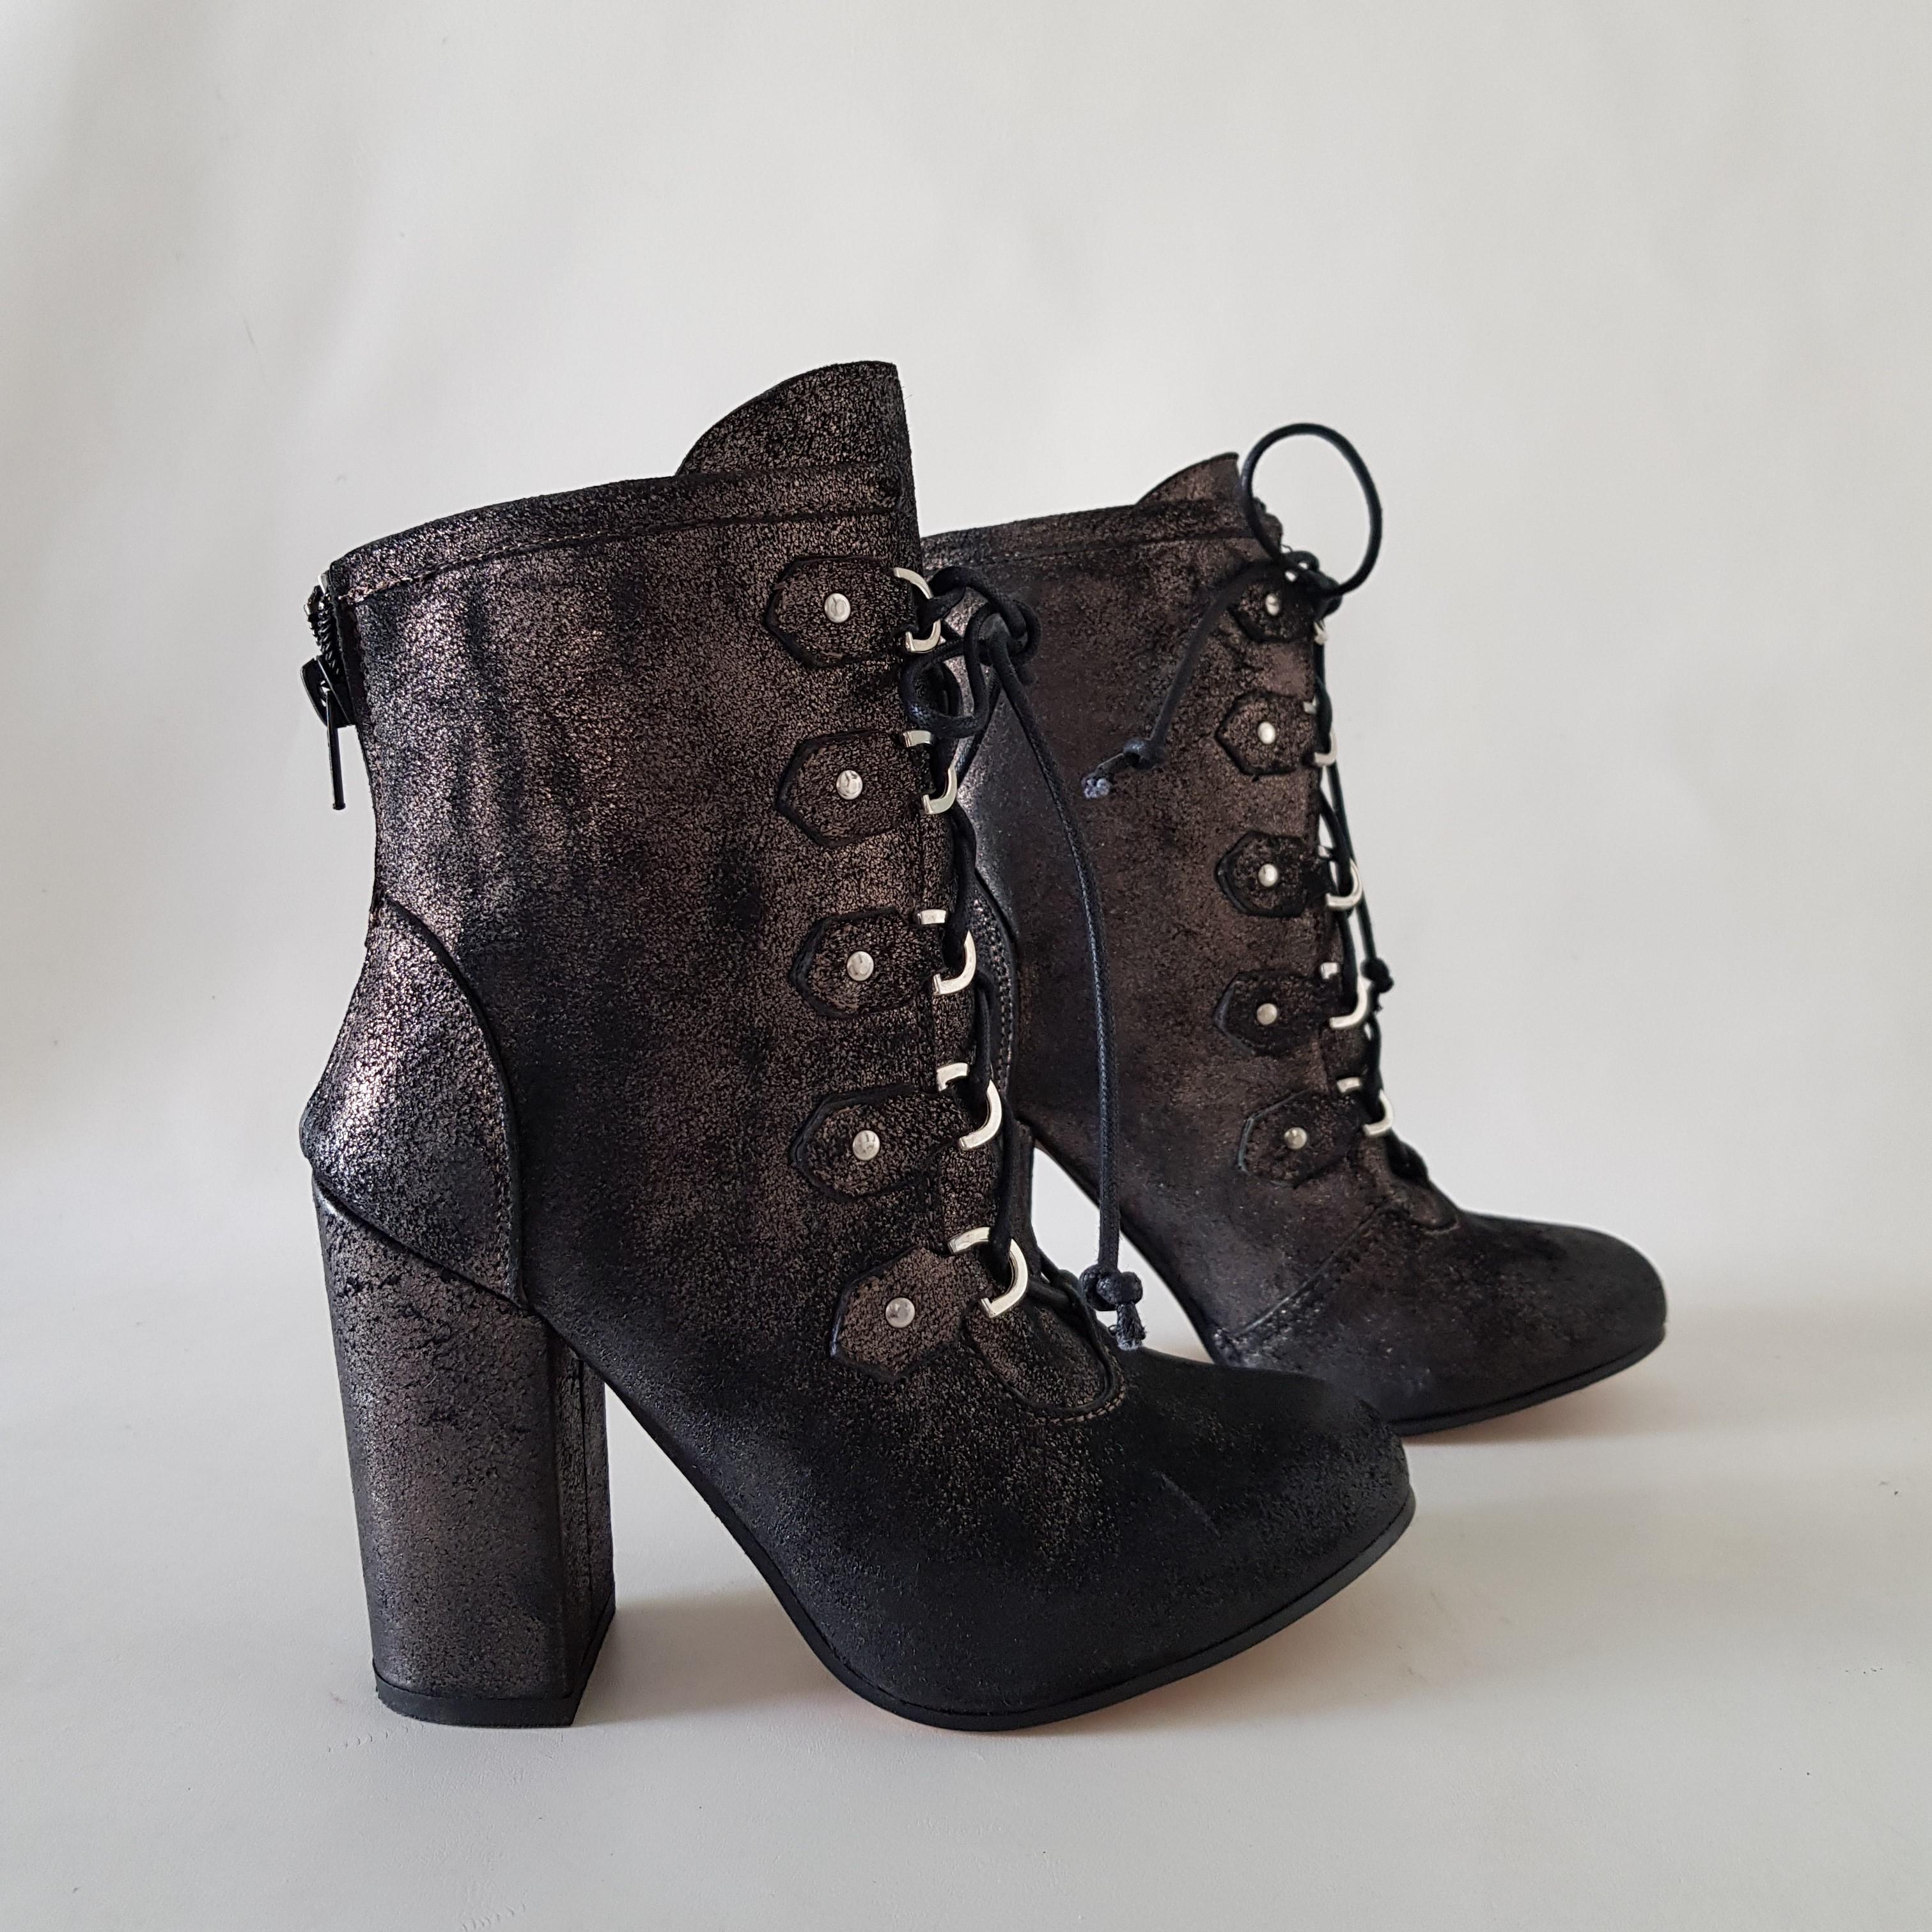 Stivaletti polvere antracite lacci marc90 - Lia diva calzature ...